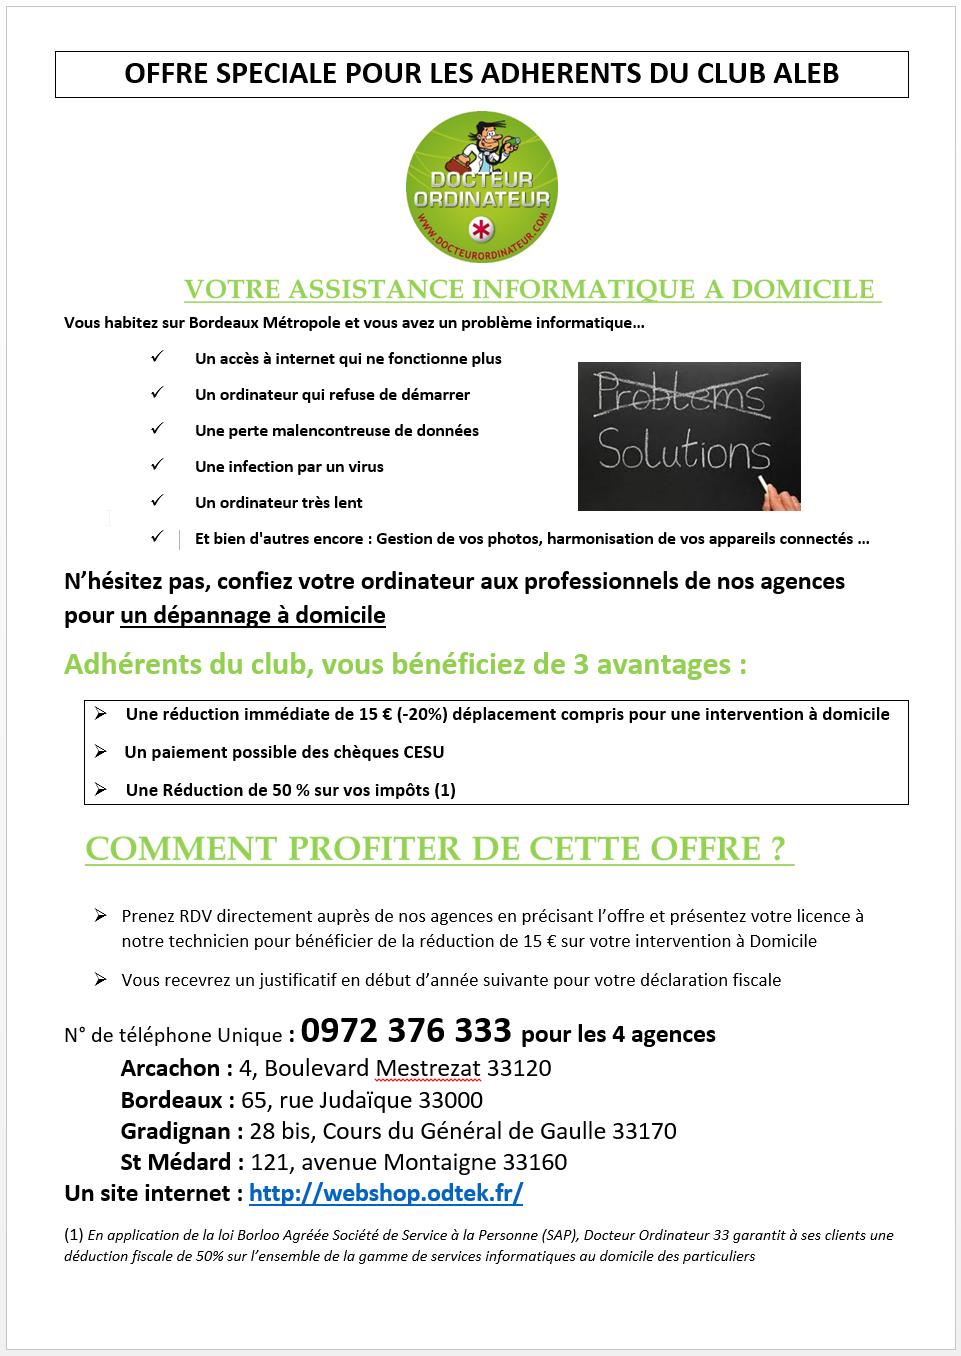 2016-11-17-13_46_22-offre-speciale-pour-les-adherents-du-club-aleb-16-nov-2016